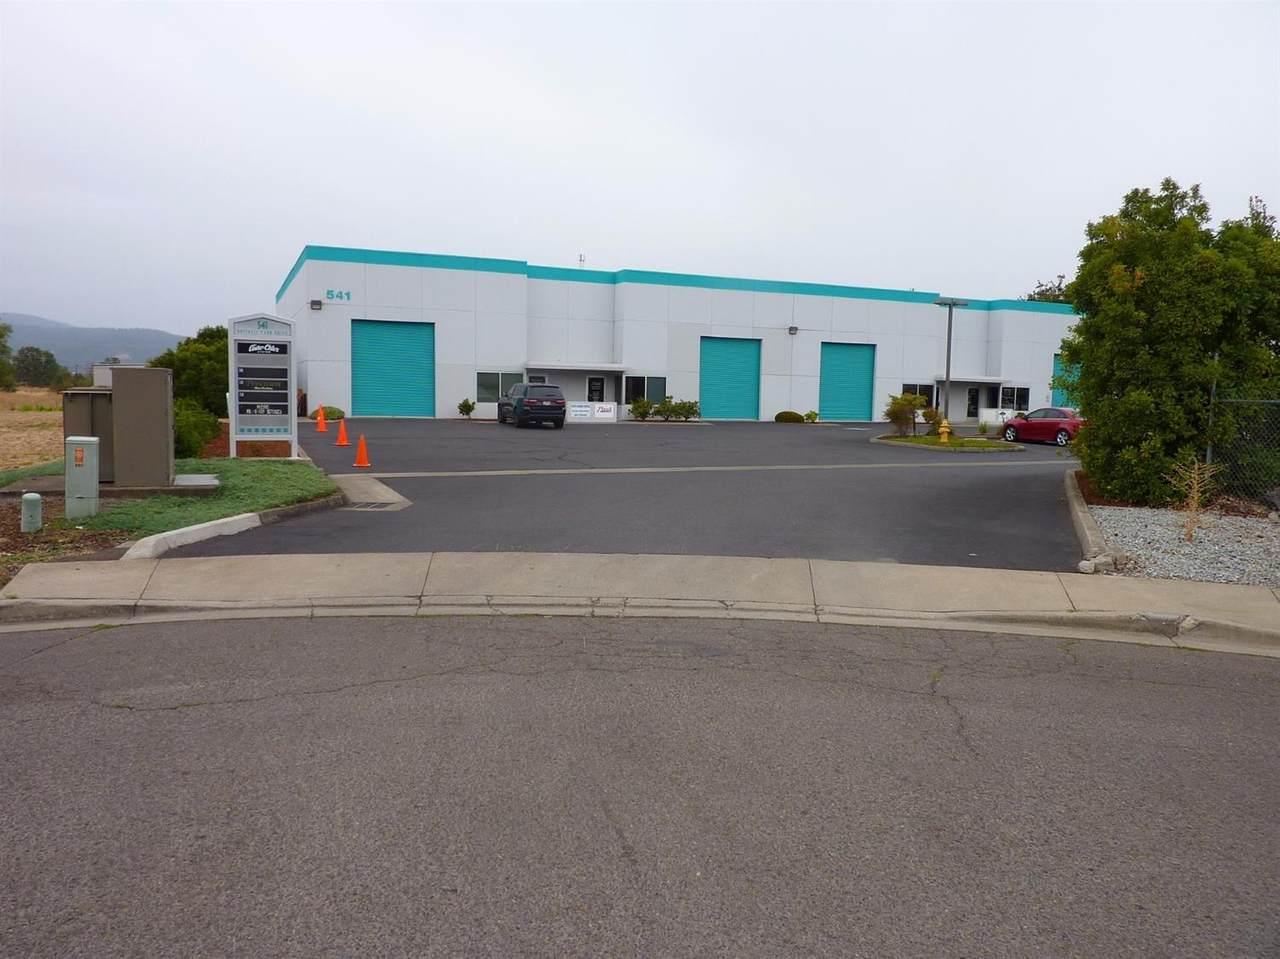 541 Business Park Drive - Photo 1